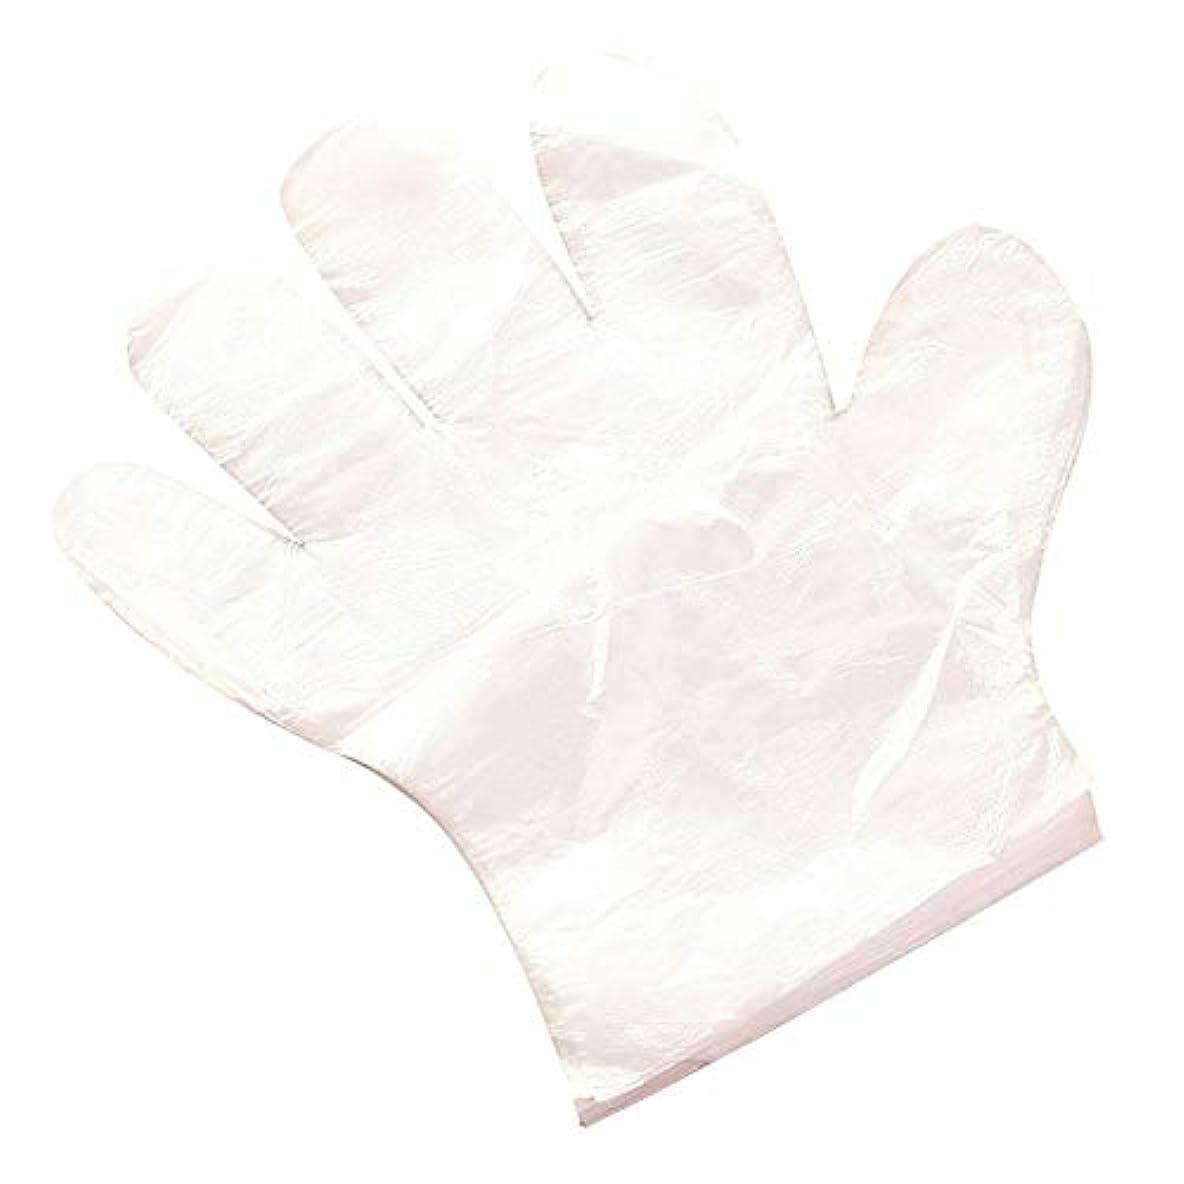 平和なお金スピーカーProfeel 透明なプラスチック製使い捨て手袋レストランホームサービスケータリング衛生用品